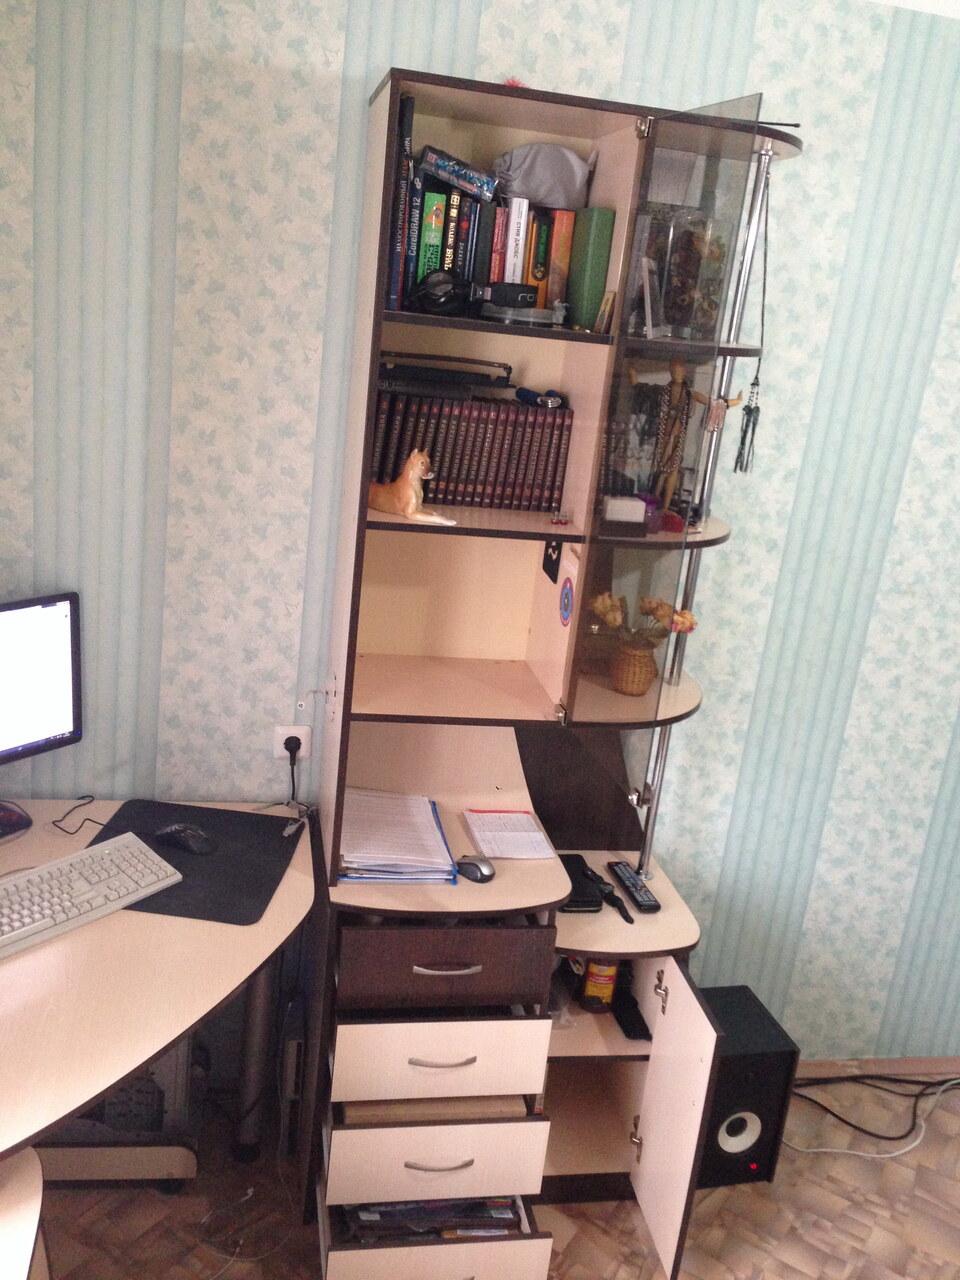 Price-altai.ru - компьютерный стол с книжным шкафом.